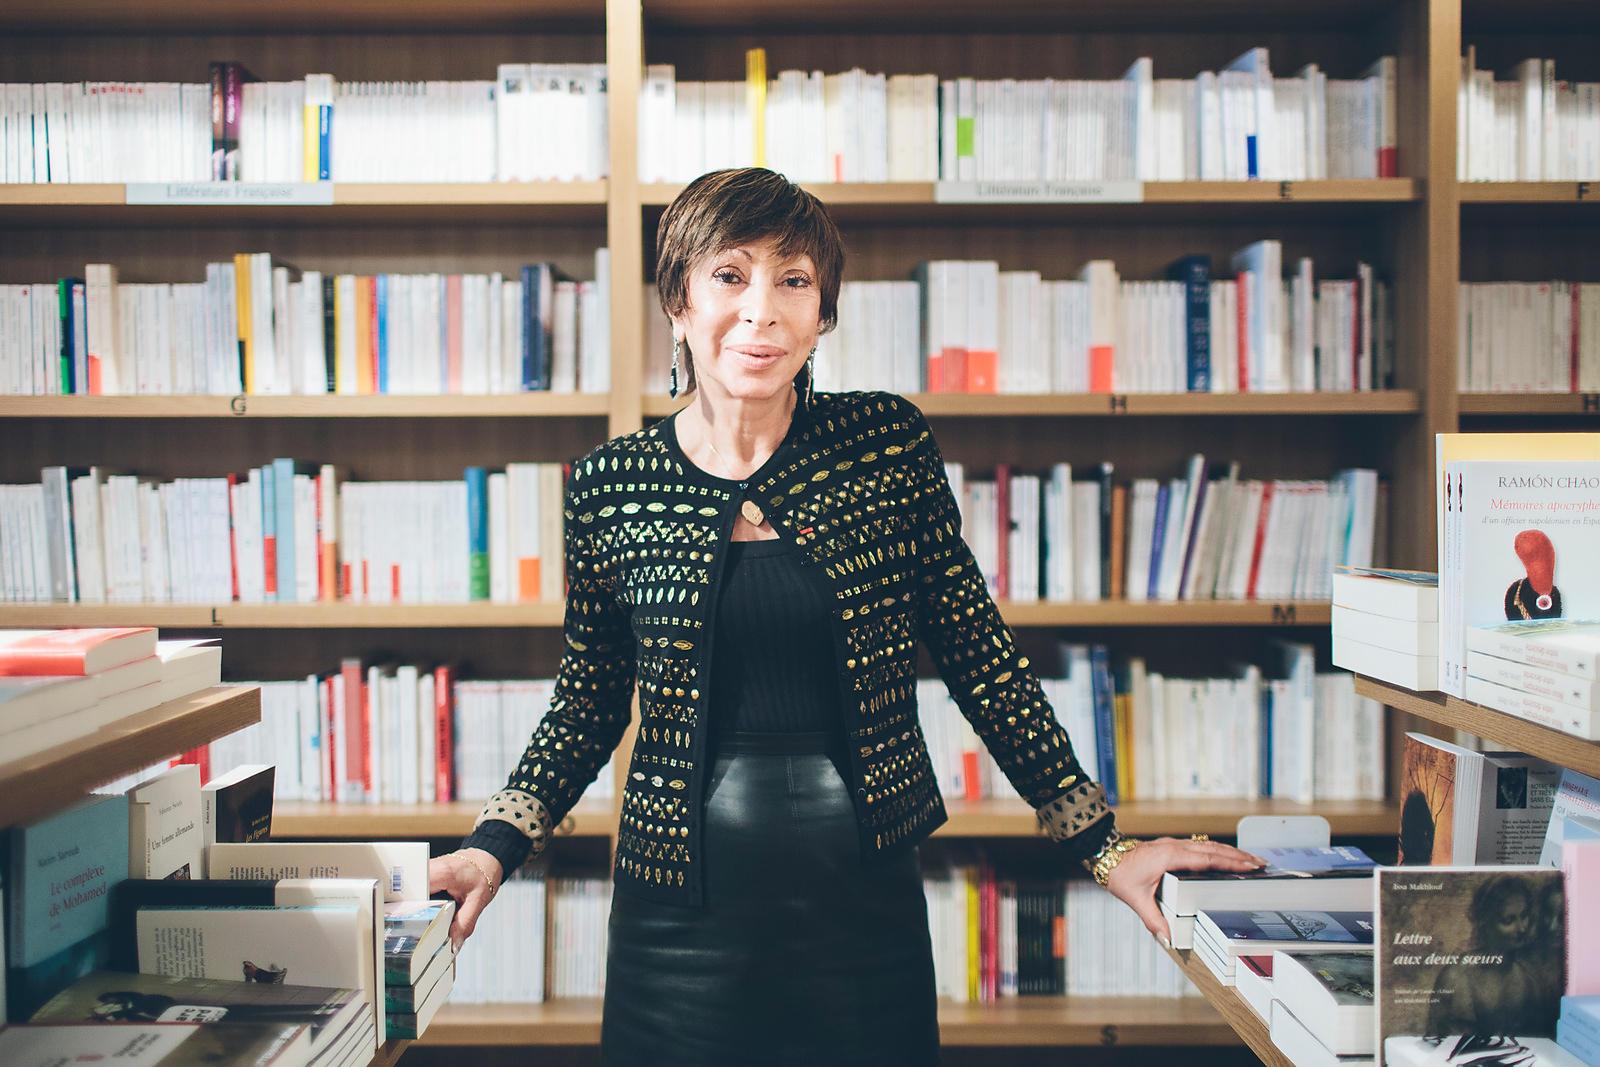 Colette Kerber ©Joseph Melin